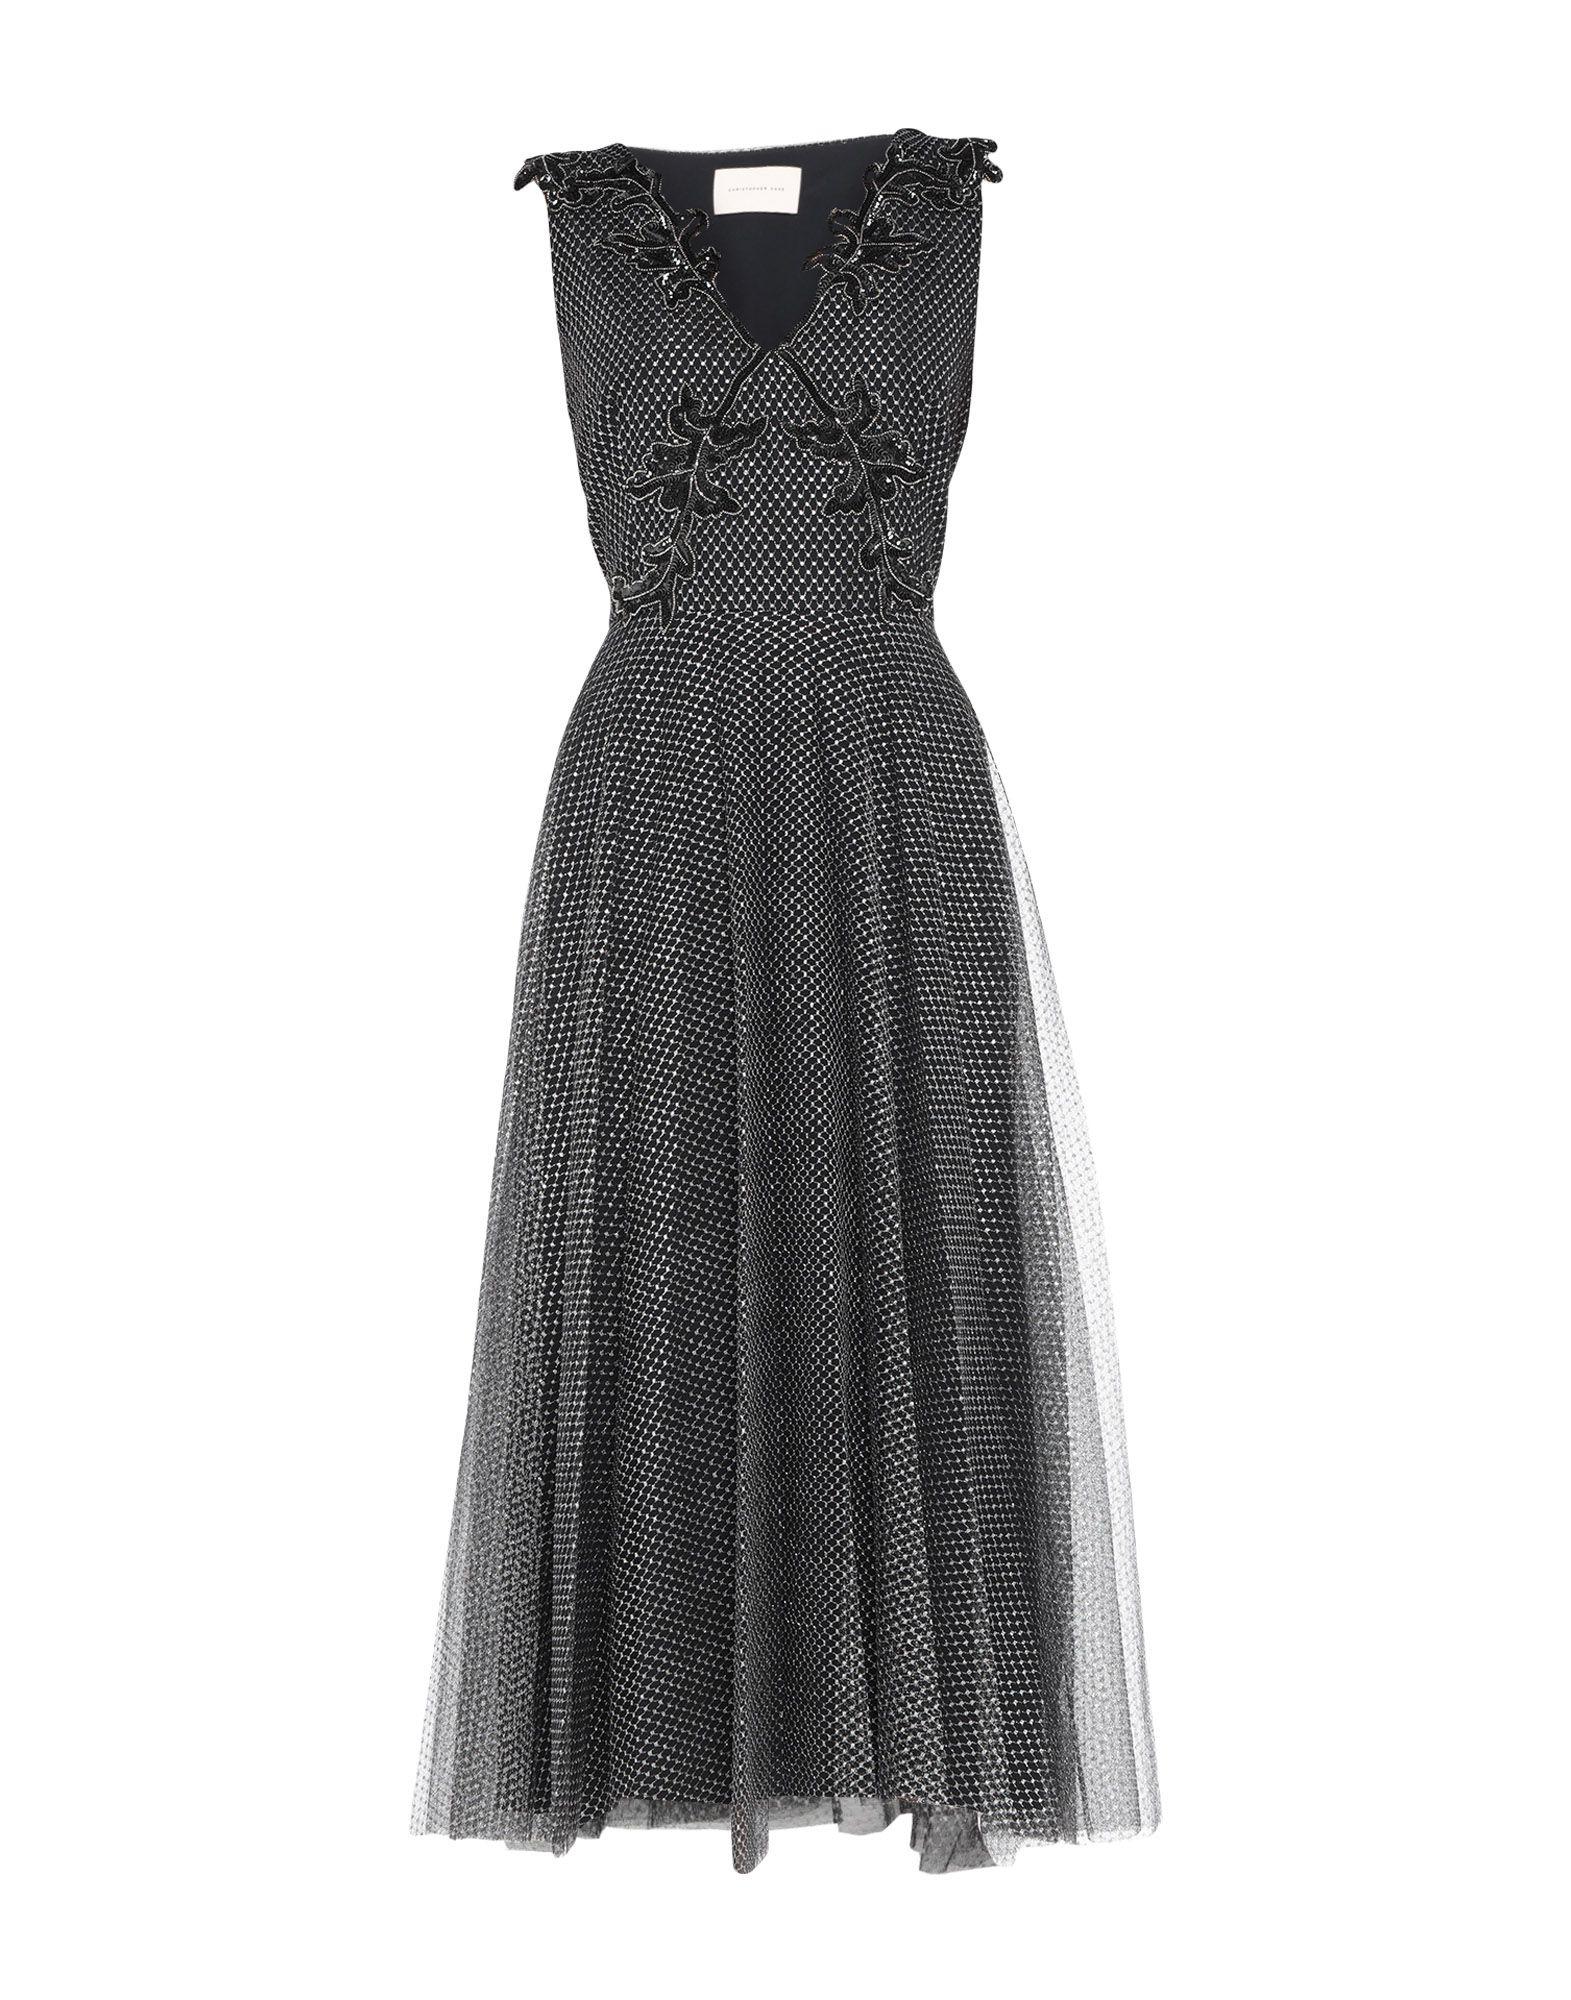 《セール開催中》CHRISTOPHER KANE レディース ロングワンピース&ドレス ブラック 38 ナイロン 75% / 金属繊維 25% / アクリル / シルク / ガラス